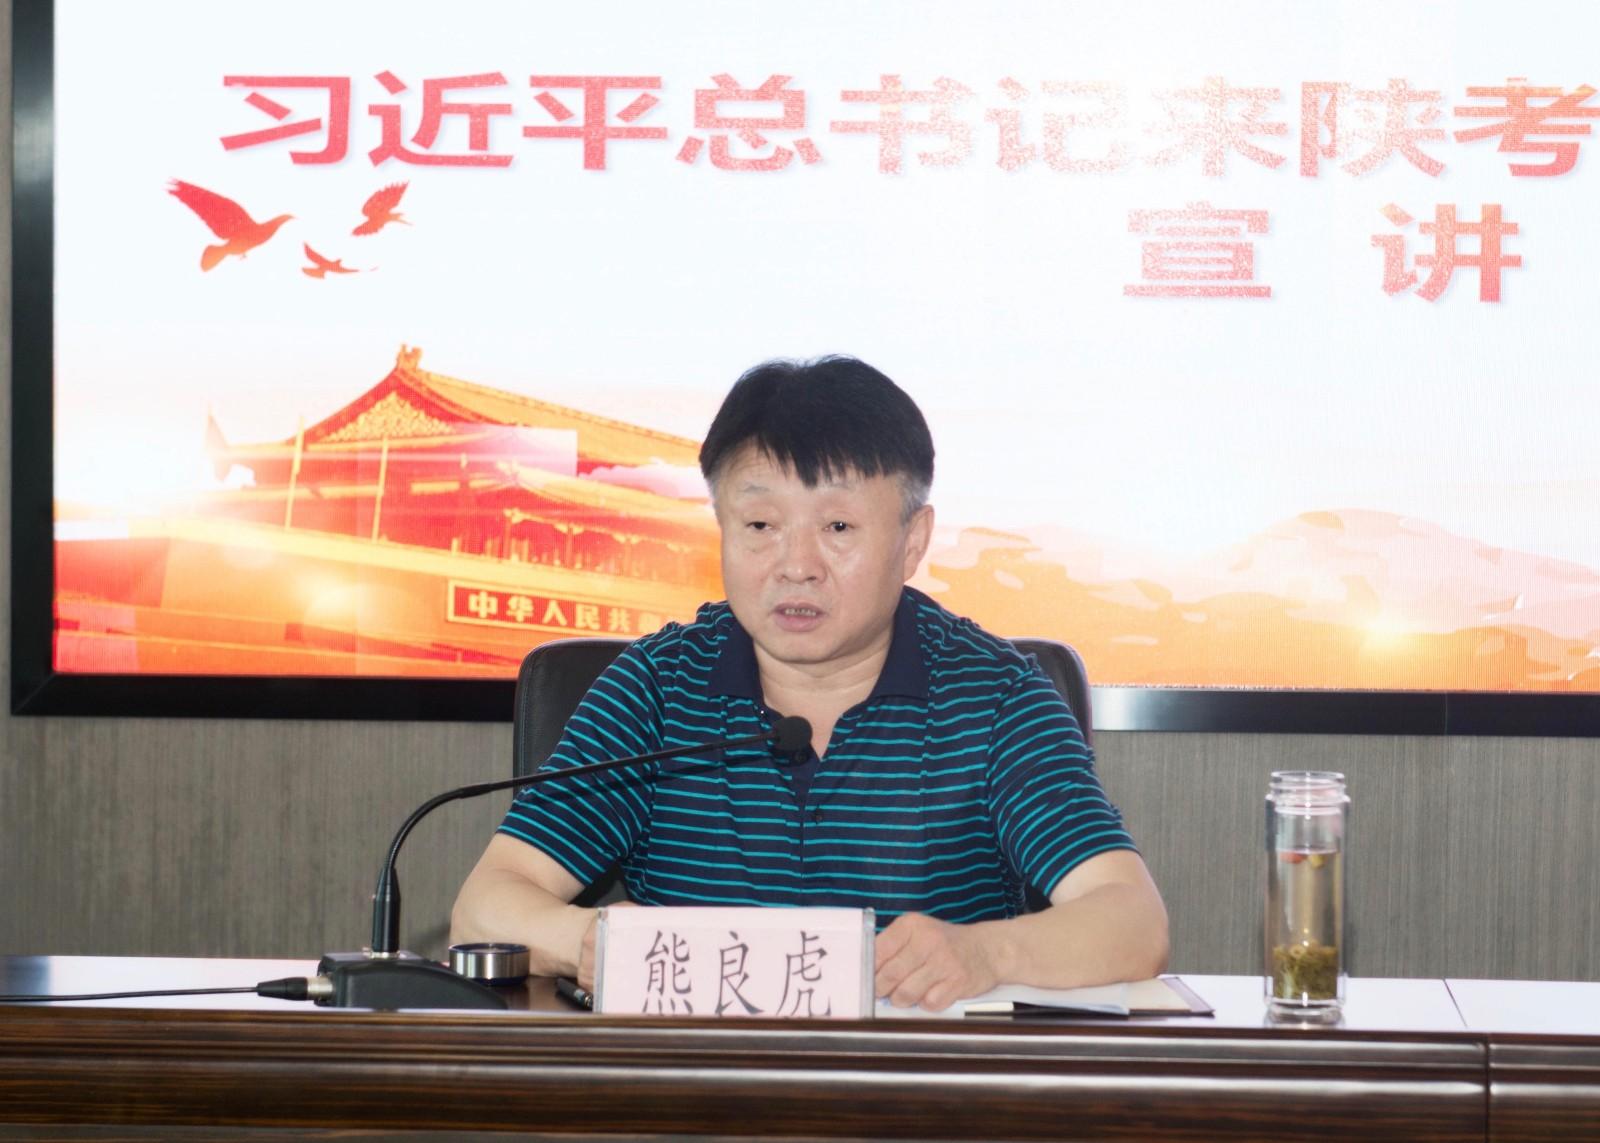 陕西环保集团召开习近平总书记来陕考察重要讲话精神宣讲会